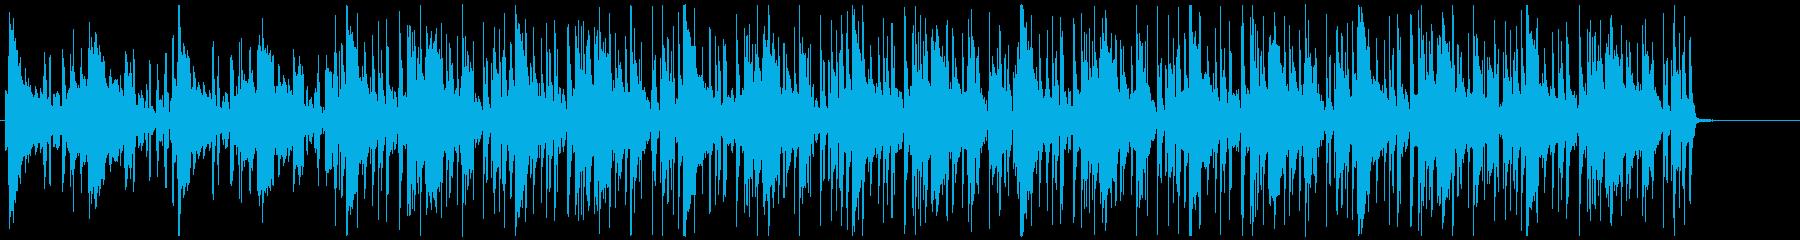 緊張感と疾走感のあるファンクミュージックの再生済みの波形